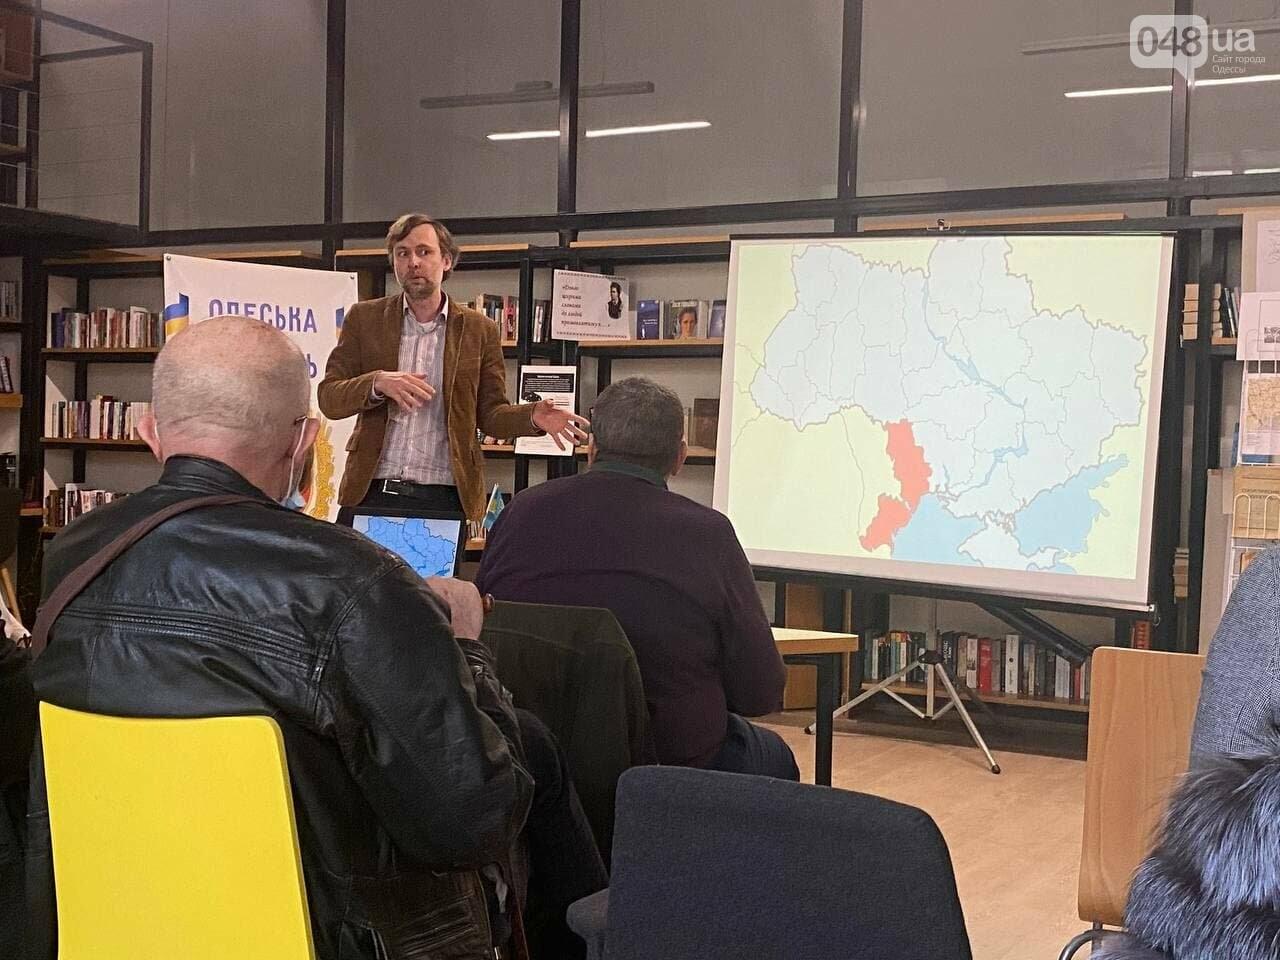 Одесской области 89 лет: как самая маленькая область Украины стала самой большой,- ФОТО, фото-1